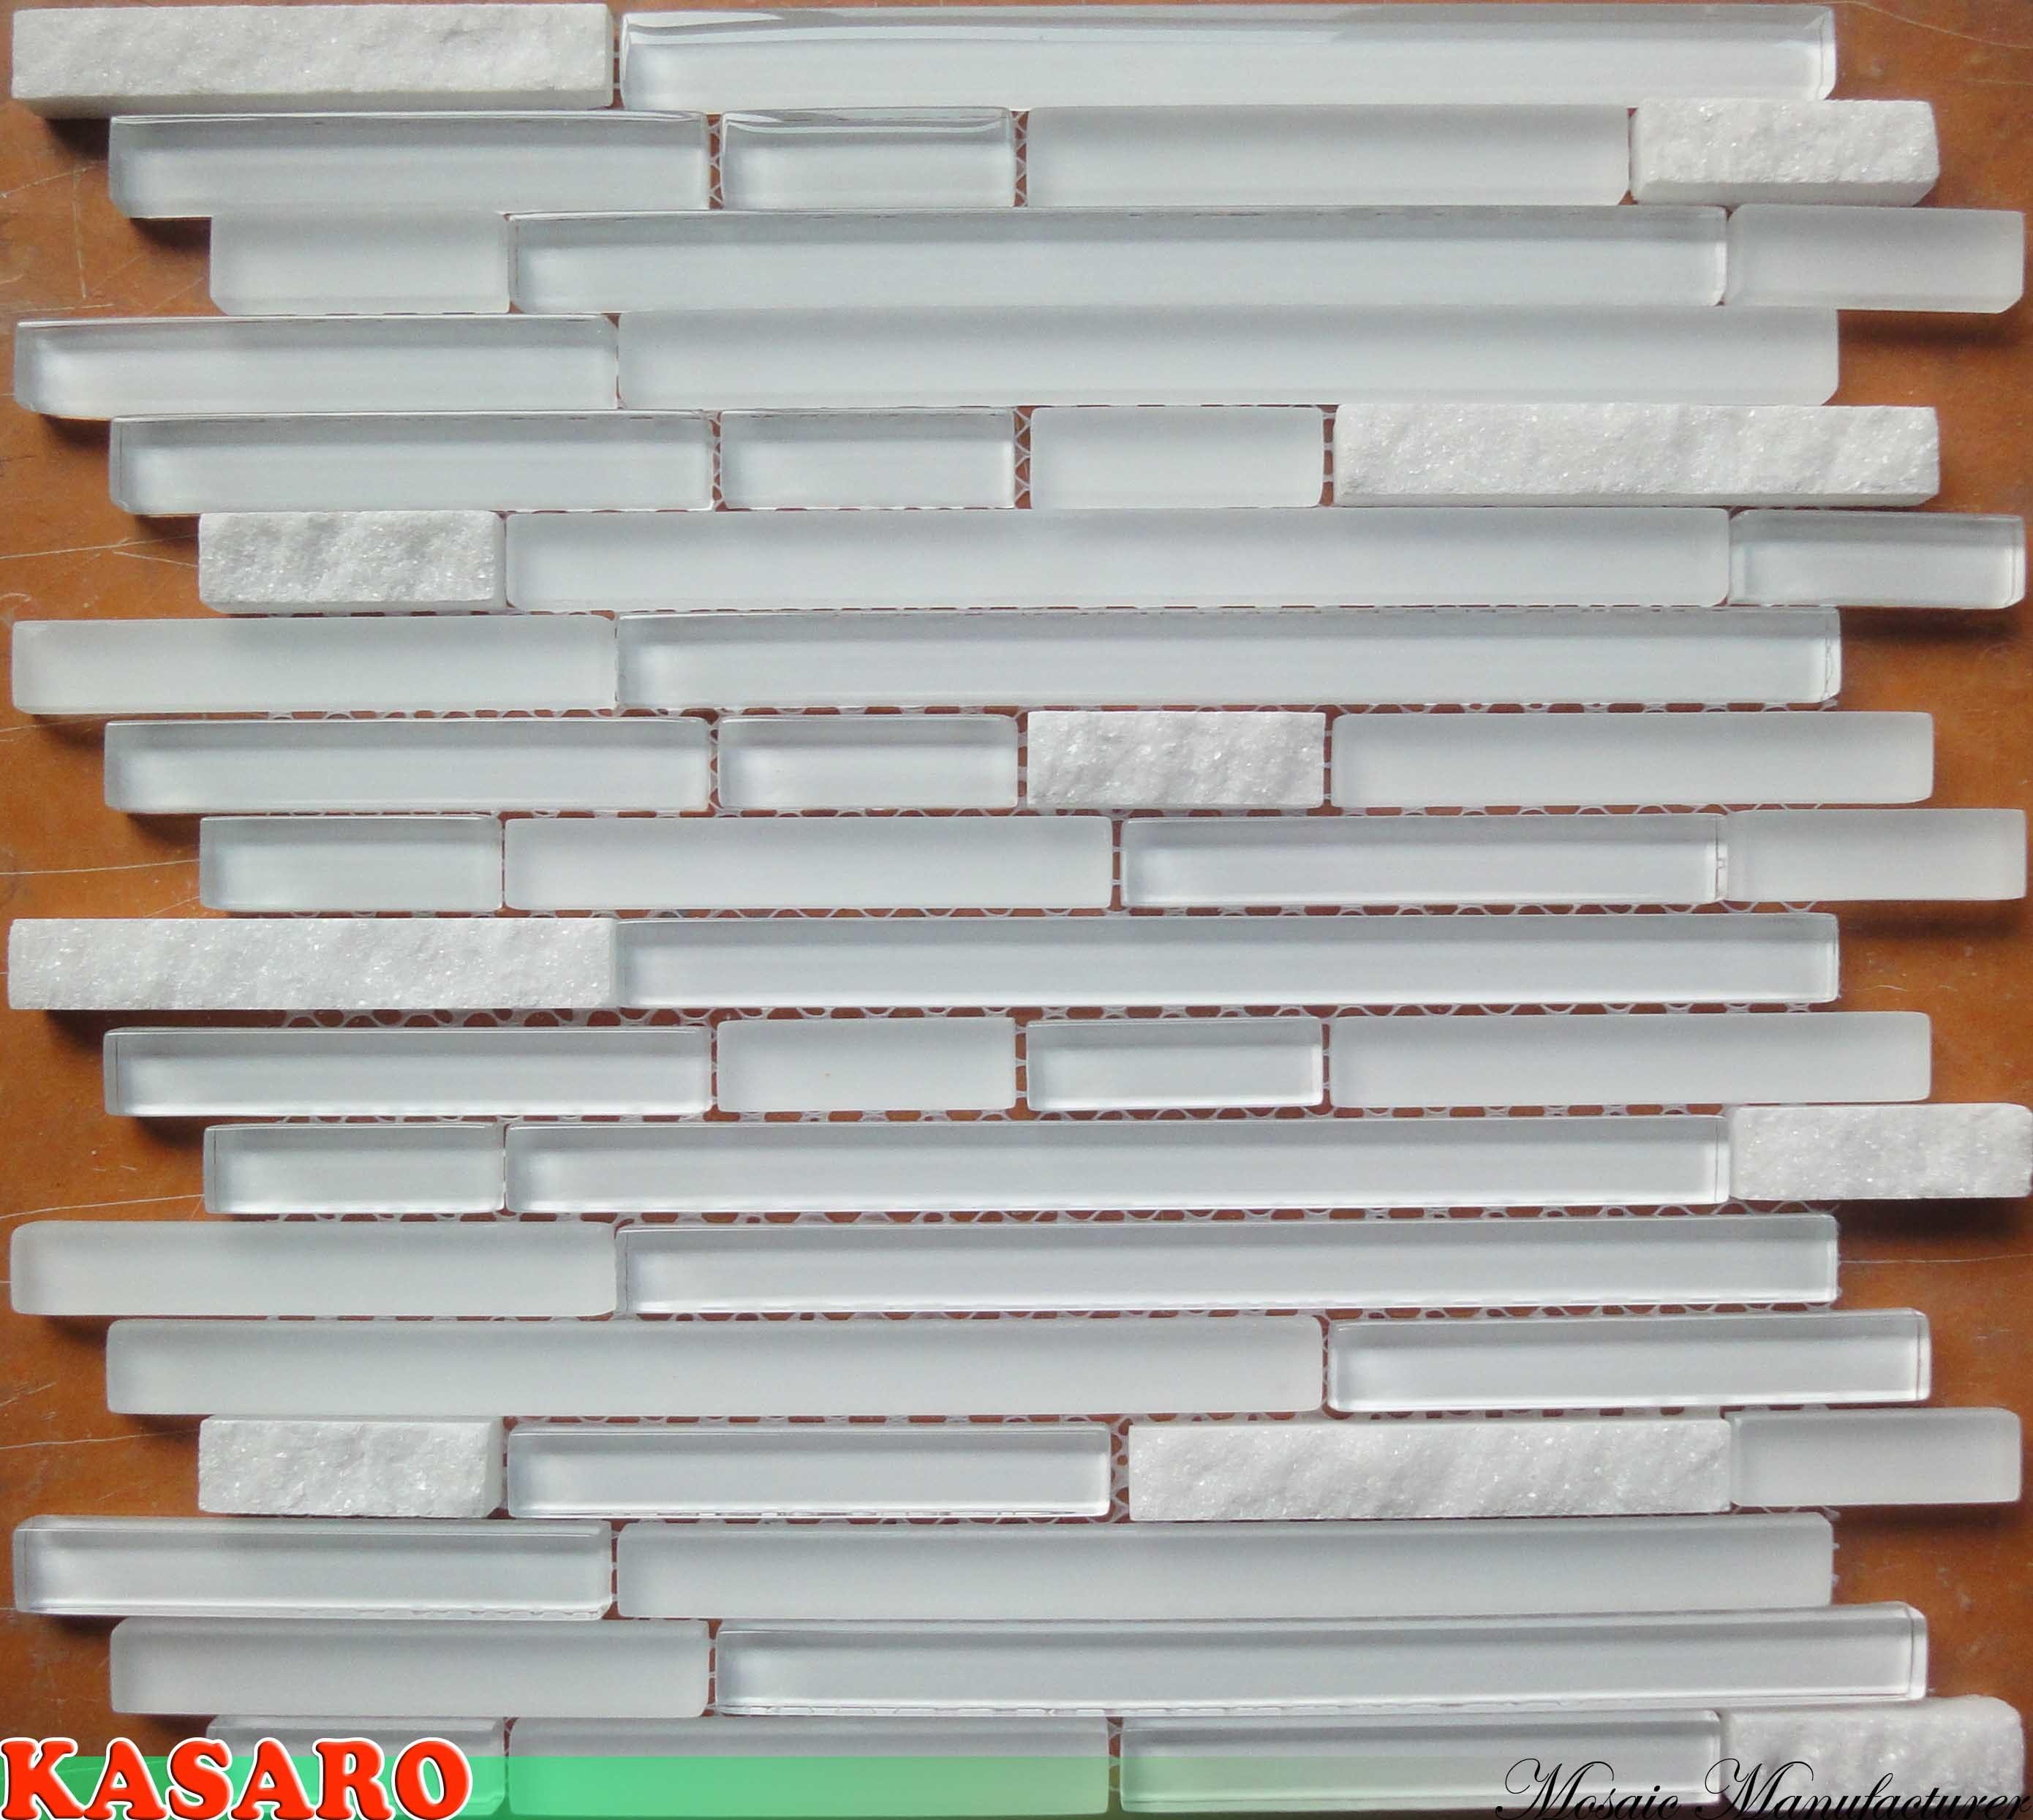 mosaico mosaico da parede dos TERMAS telha do mosaico do banheiro #C32108 2780x2489 Azulejo Mosaico Banheiro